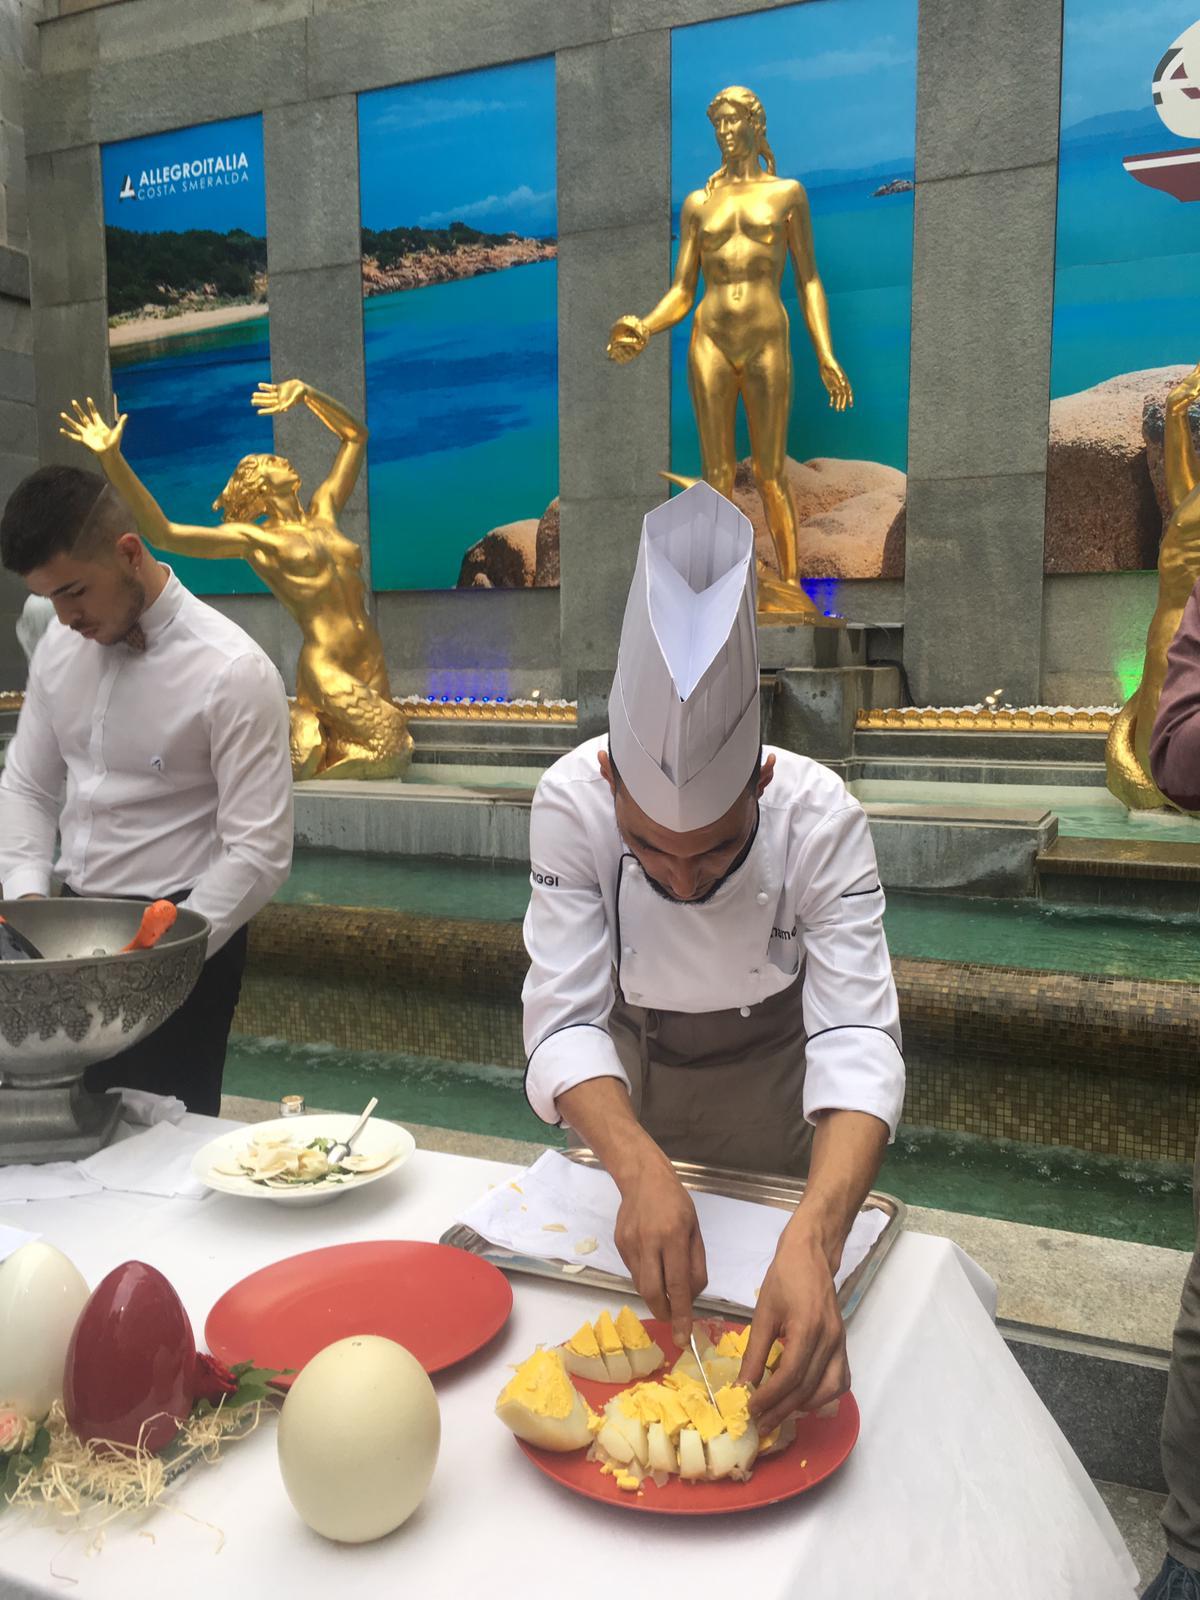 la cucina dell'hotel Allegroitalia Golden Palace